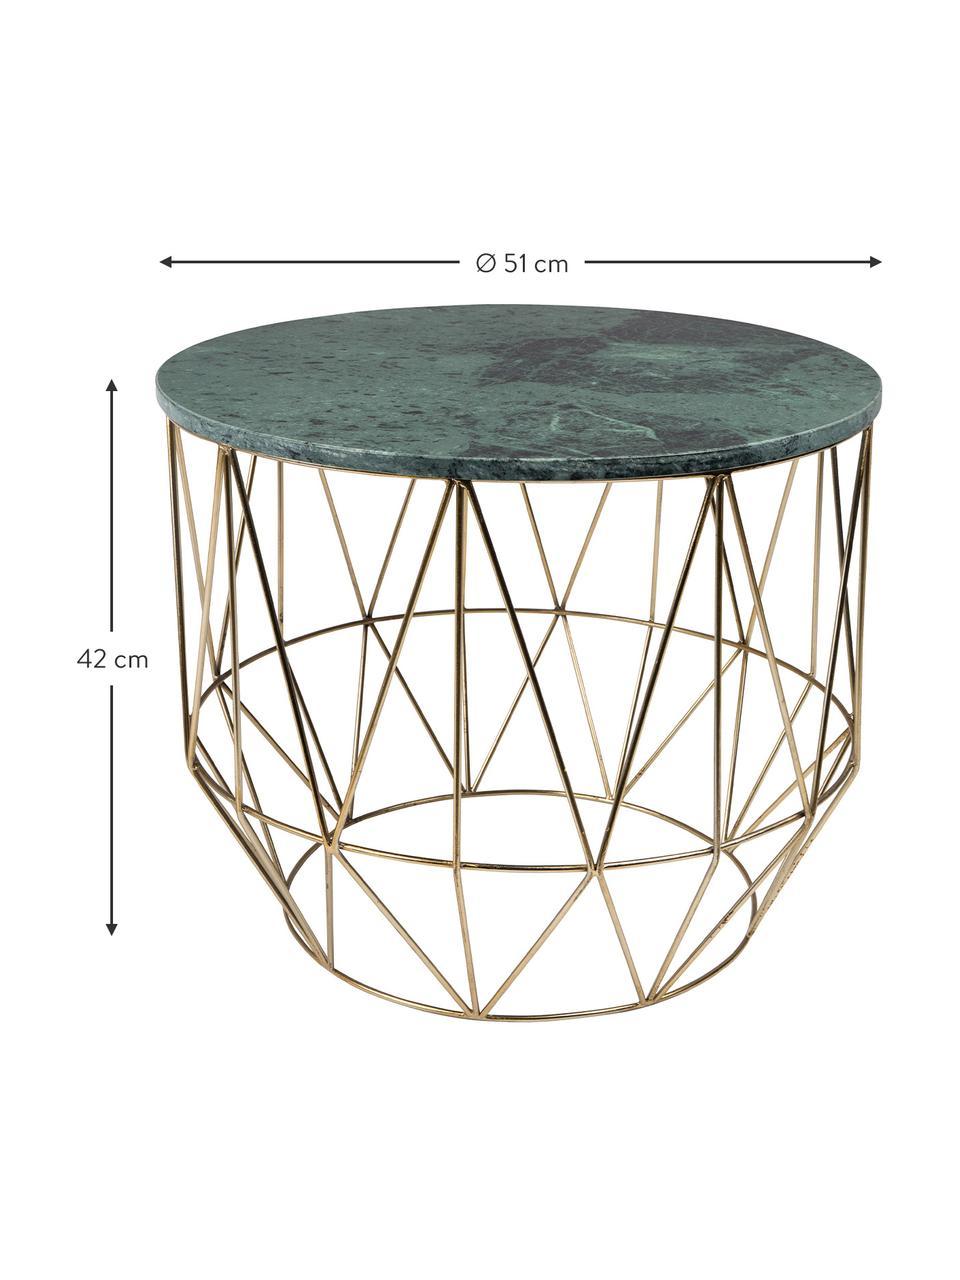 Okrągły stolik pomocniczy z marmuru Boss, Blat: marmur, Stelaż: metal mosiądzowany, Blat: zielony, marmurowy Nogi: mosiężny, Ø 51 x W 42 cm